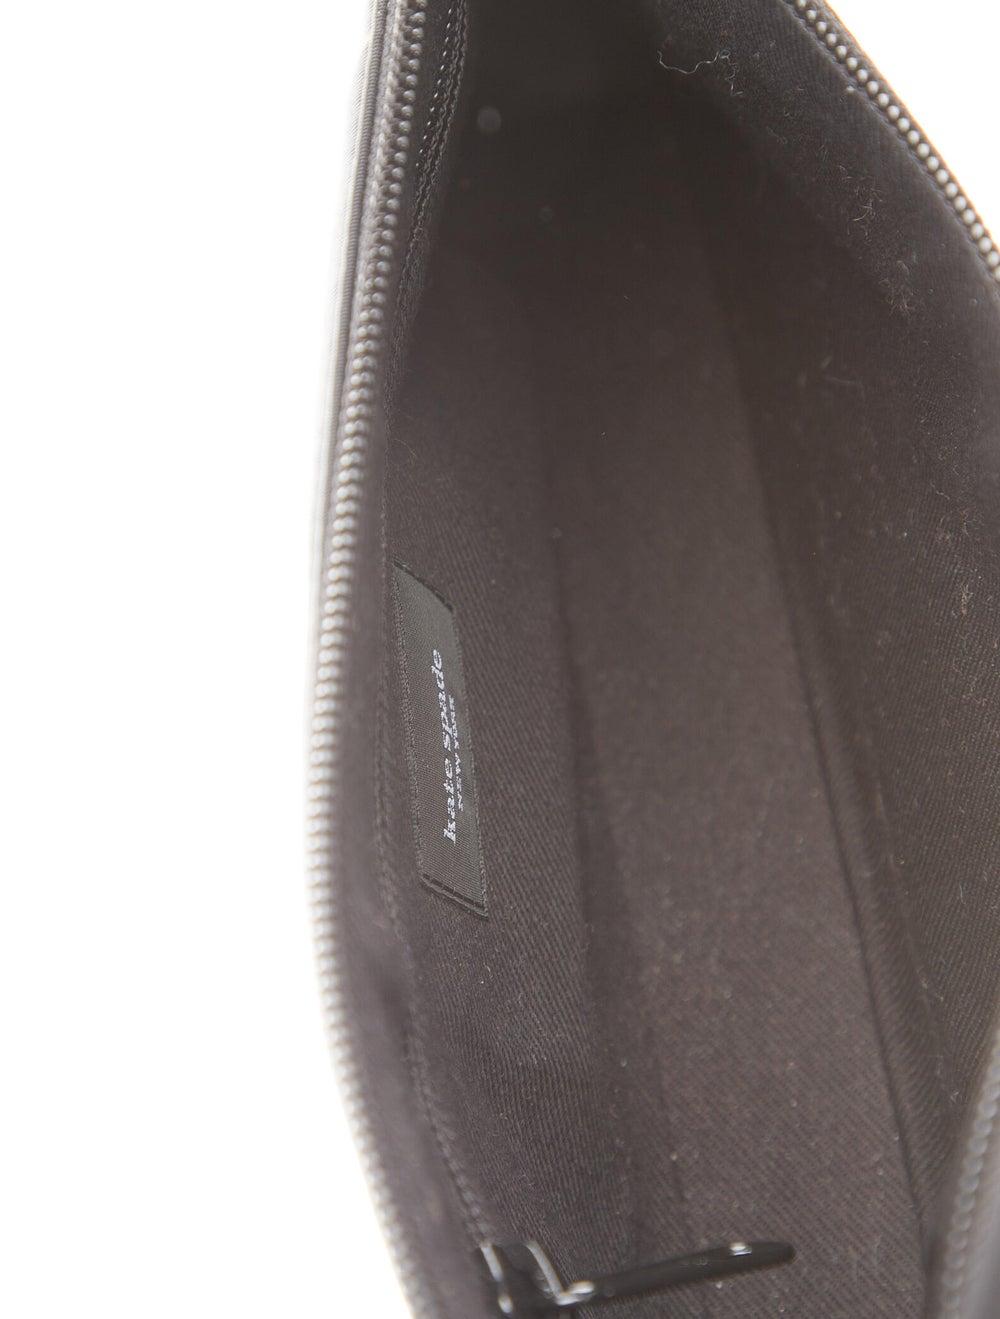 Kate Spade New York Nylon Shoulder Bag Black - image 5